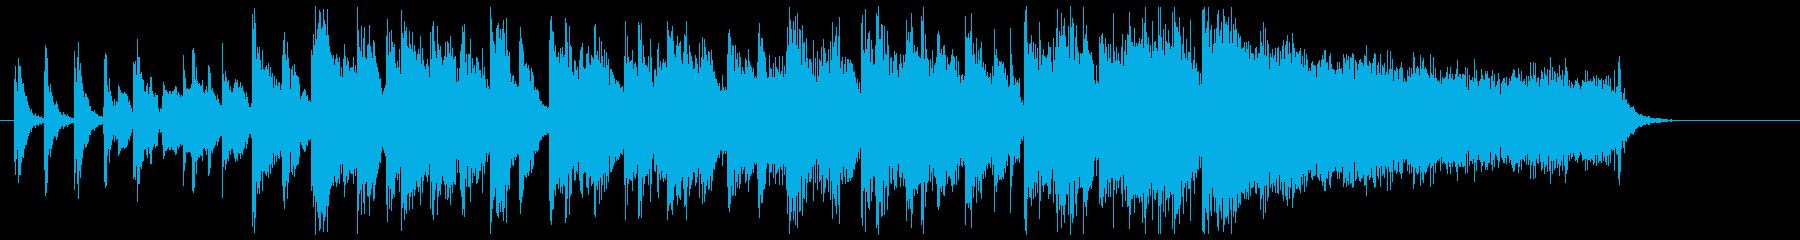 【ゲスト登場のBGM】ソウルミュージックの再生済みの波形